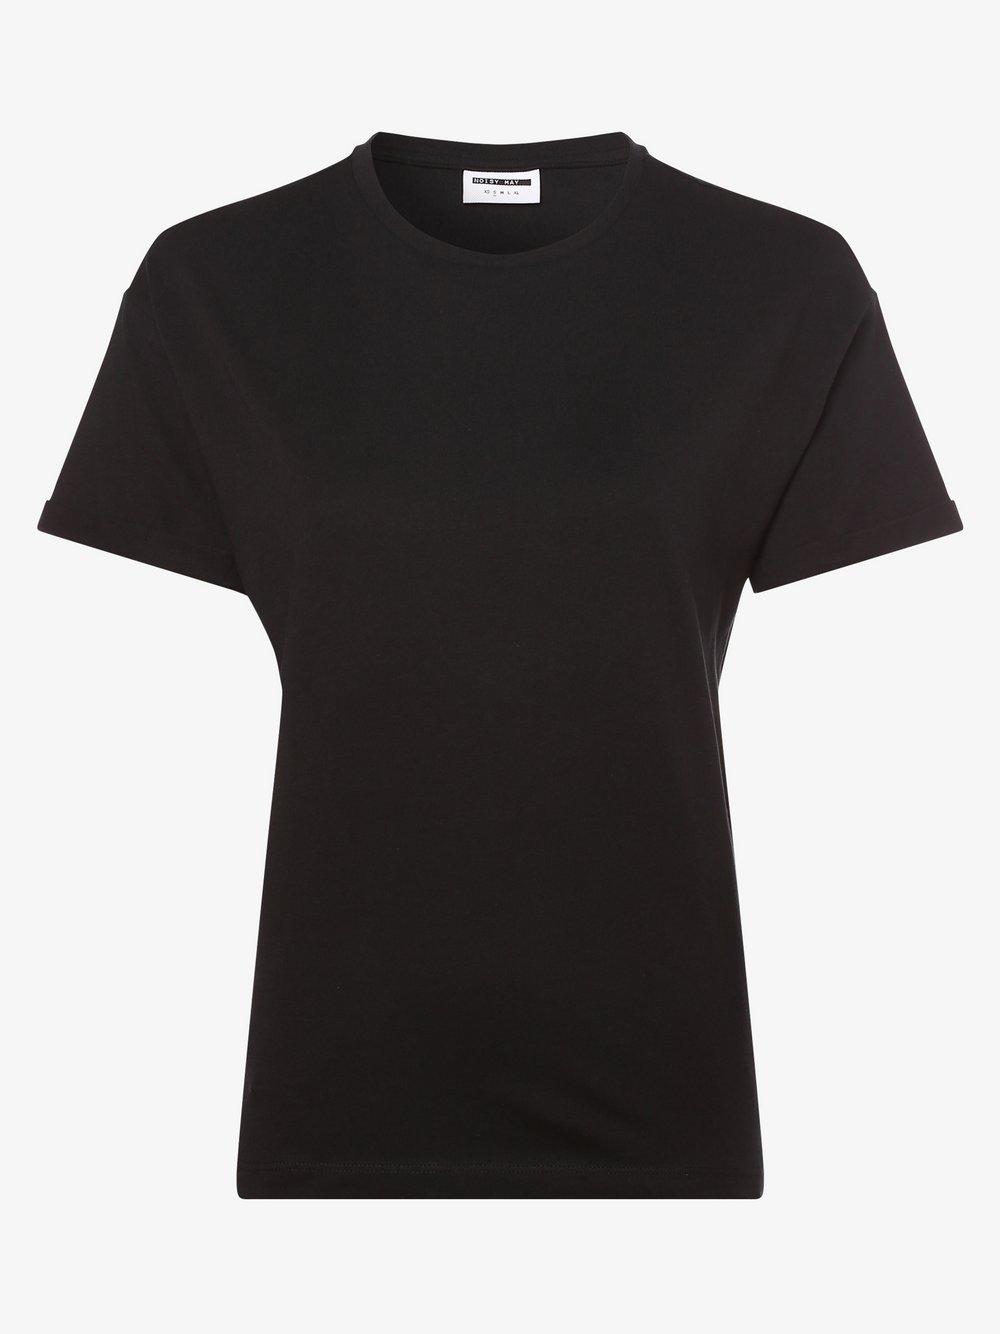 Noisy May - T-shirt damski – Nmbrandy, czarny Noisy May